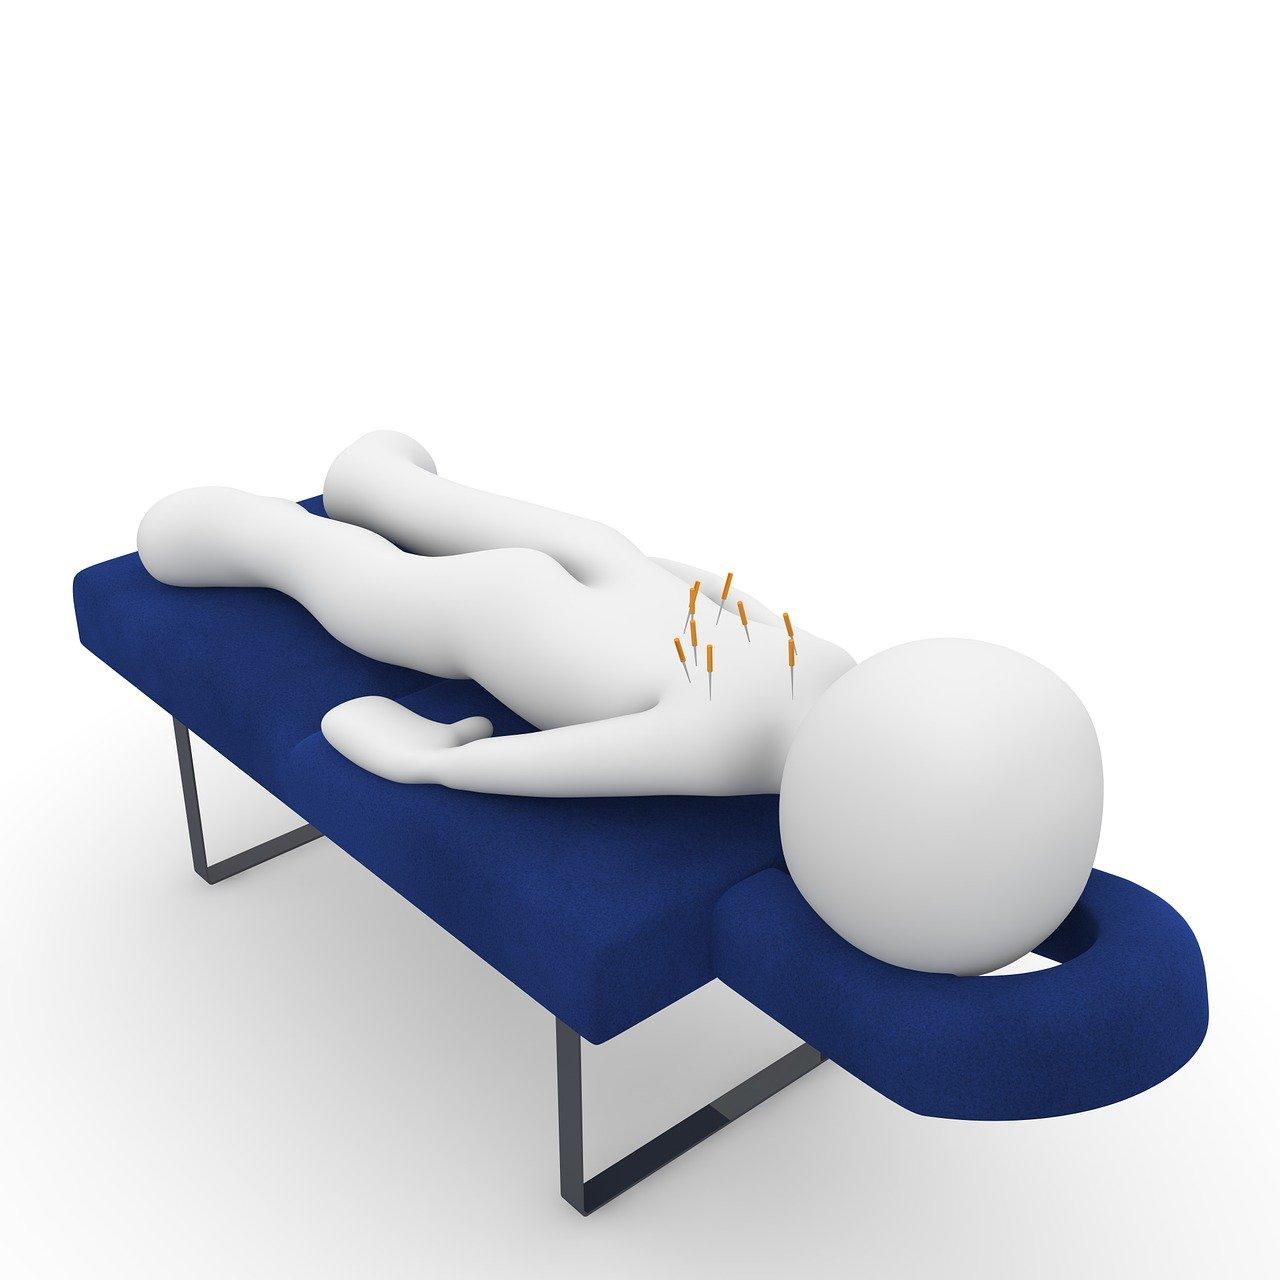 Stok S vd manuele therapie